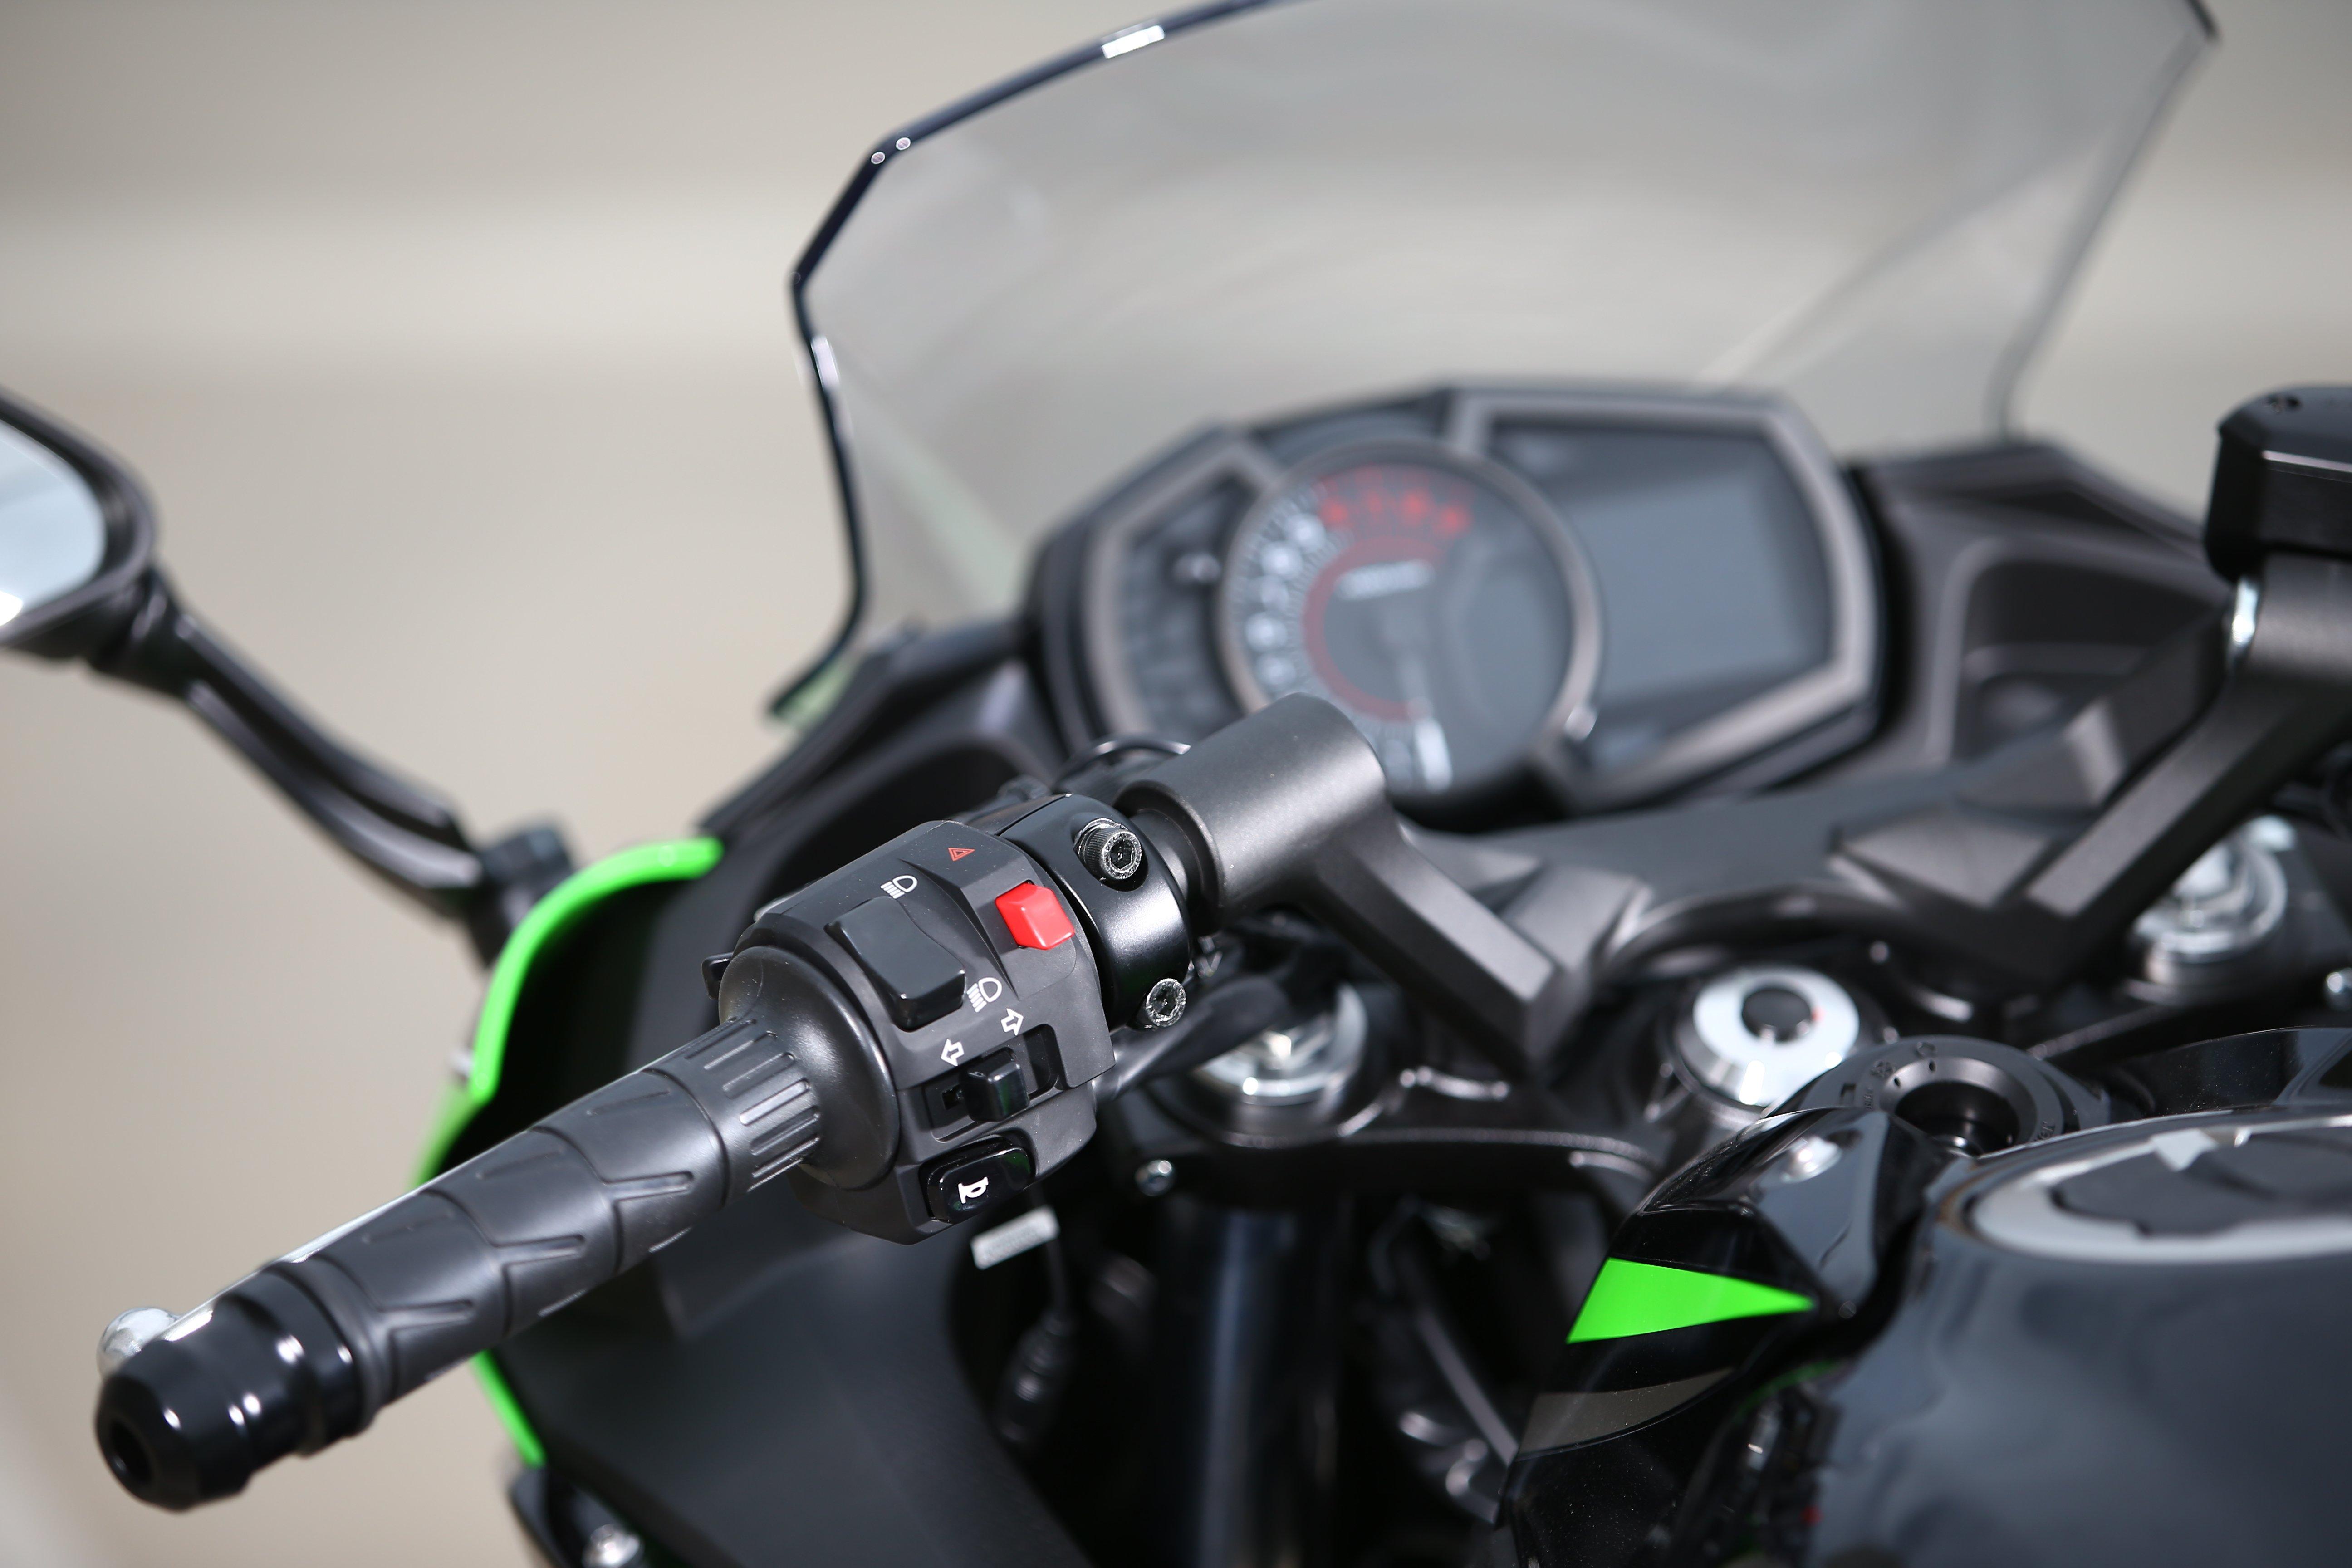 Kawasaki Ninja 650 Bars And Switchess